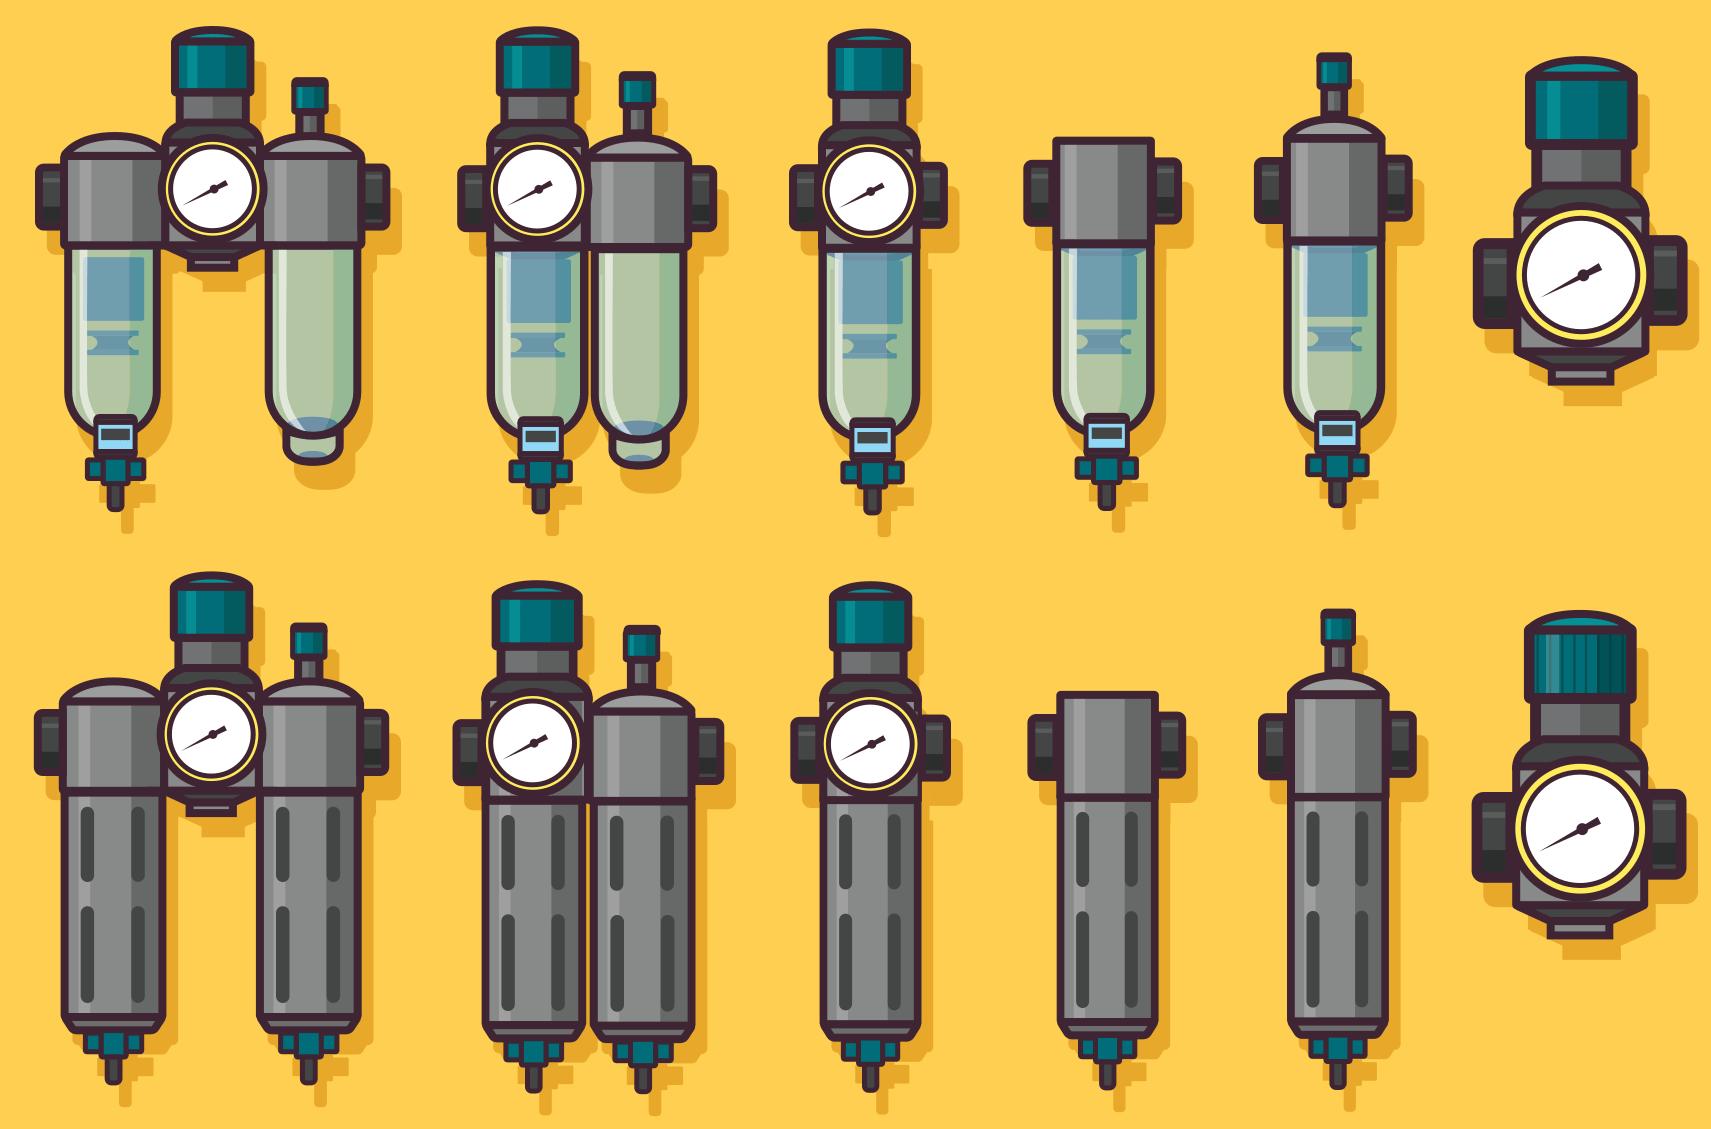 Representación de los tipos y partes de una unidad de mantenimiento neumático o FRL